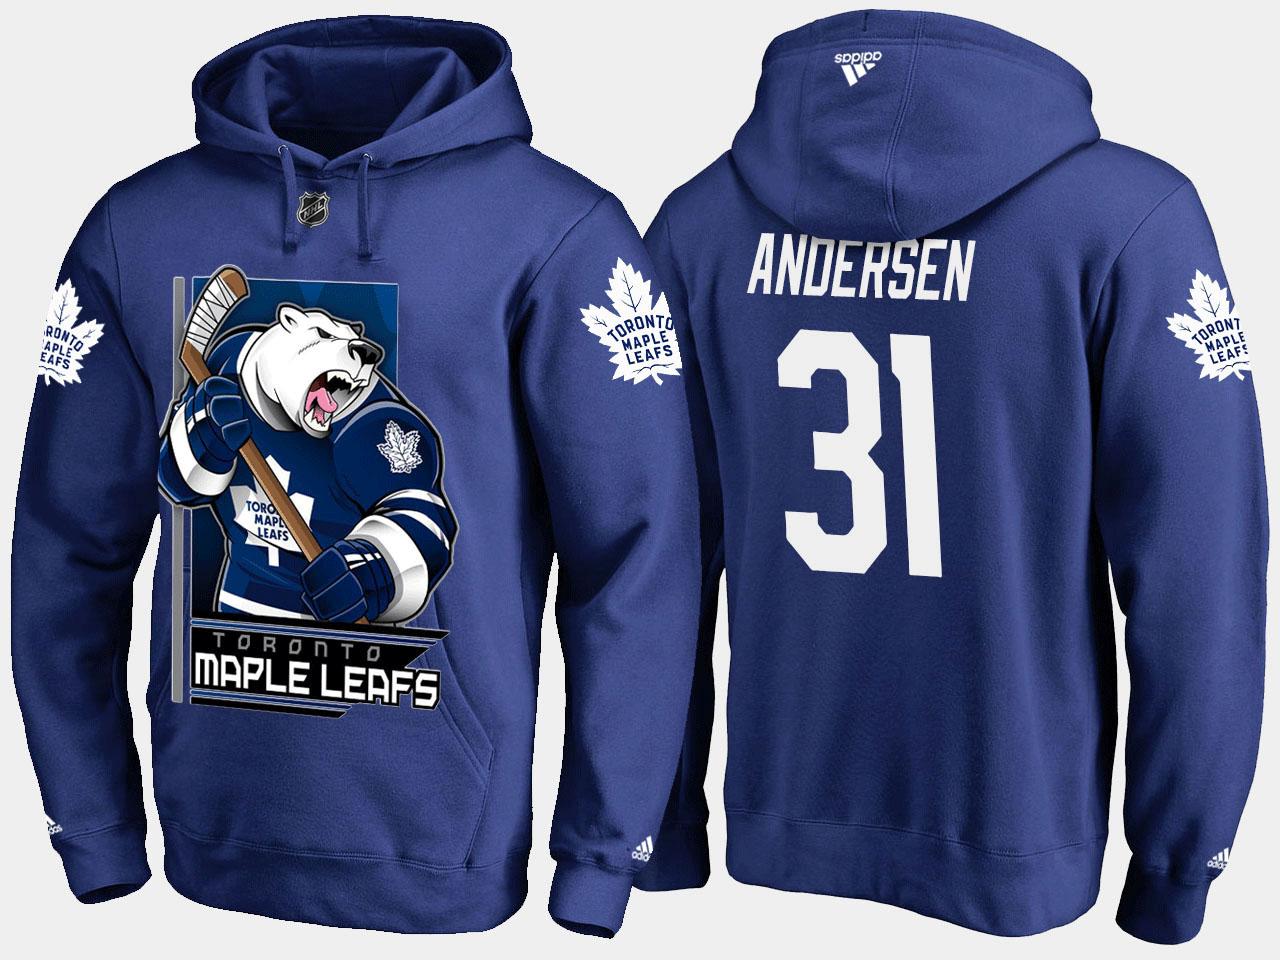 Men's Toronto Maple Leafs Royal Frederik Andersen Cartoon Hoodie